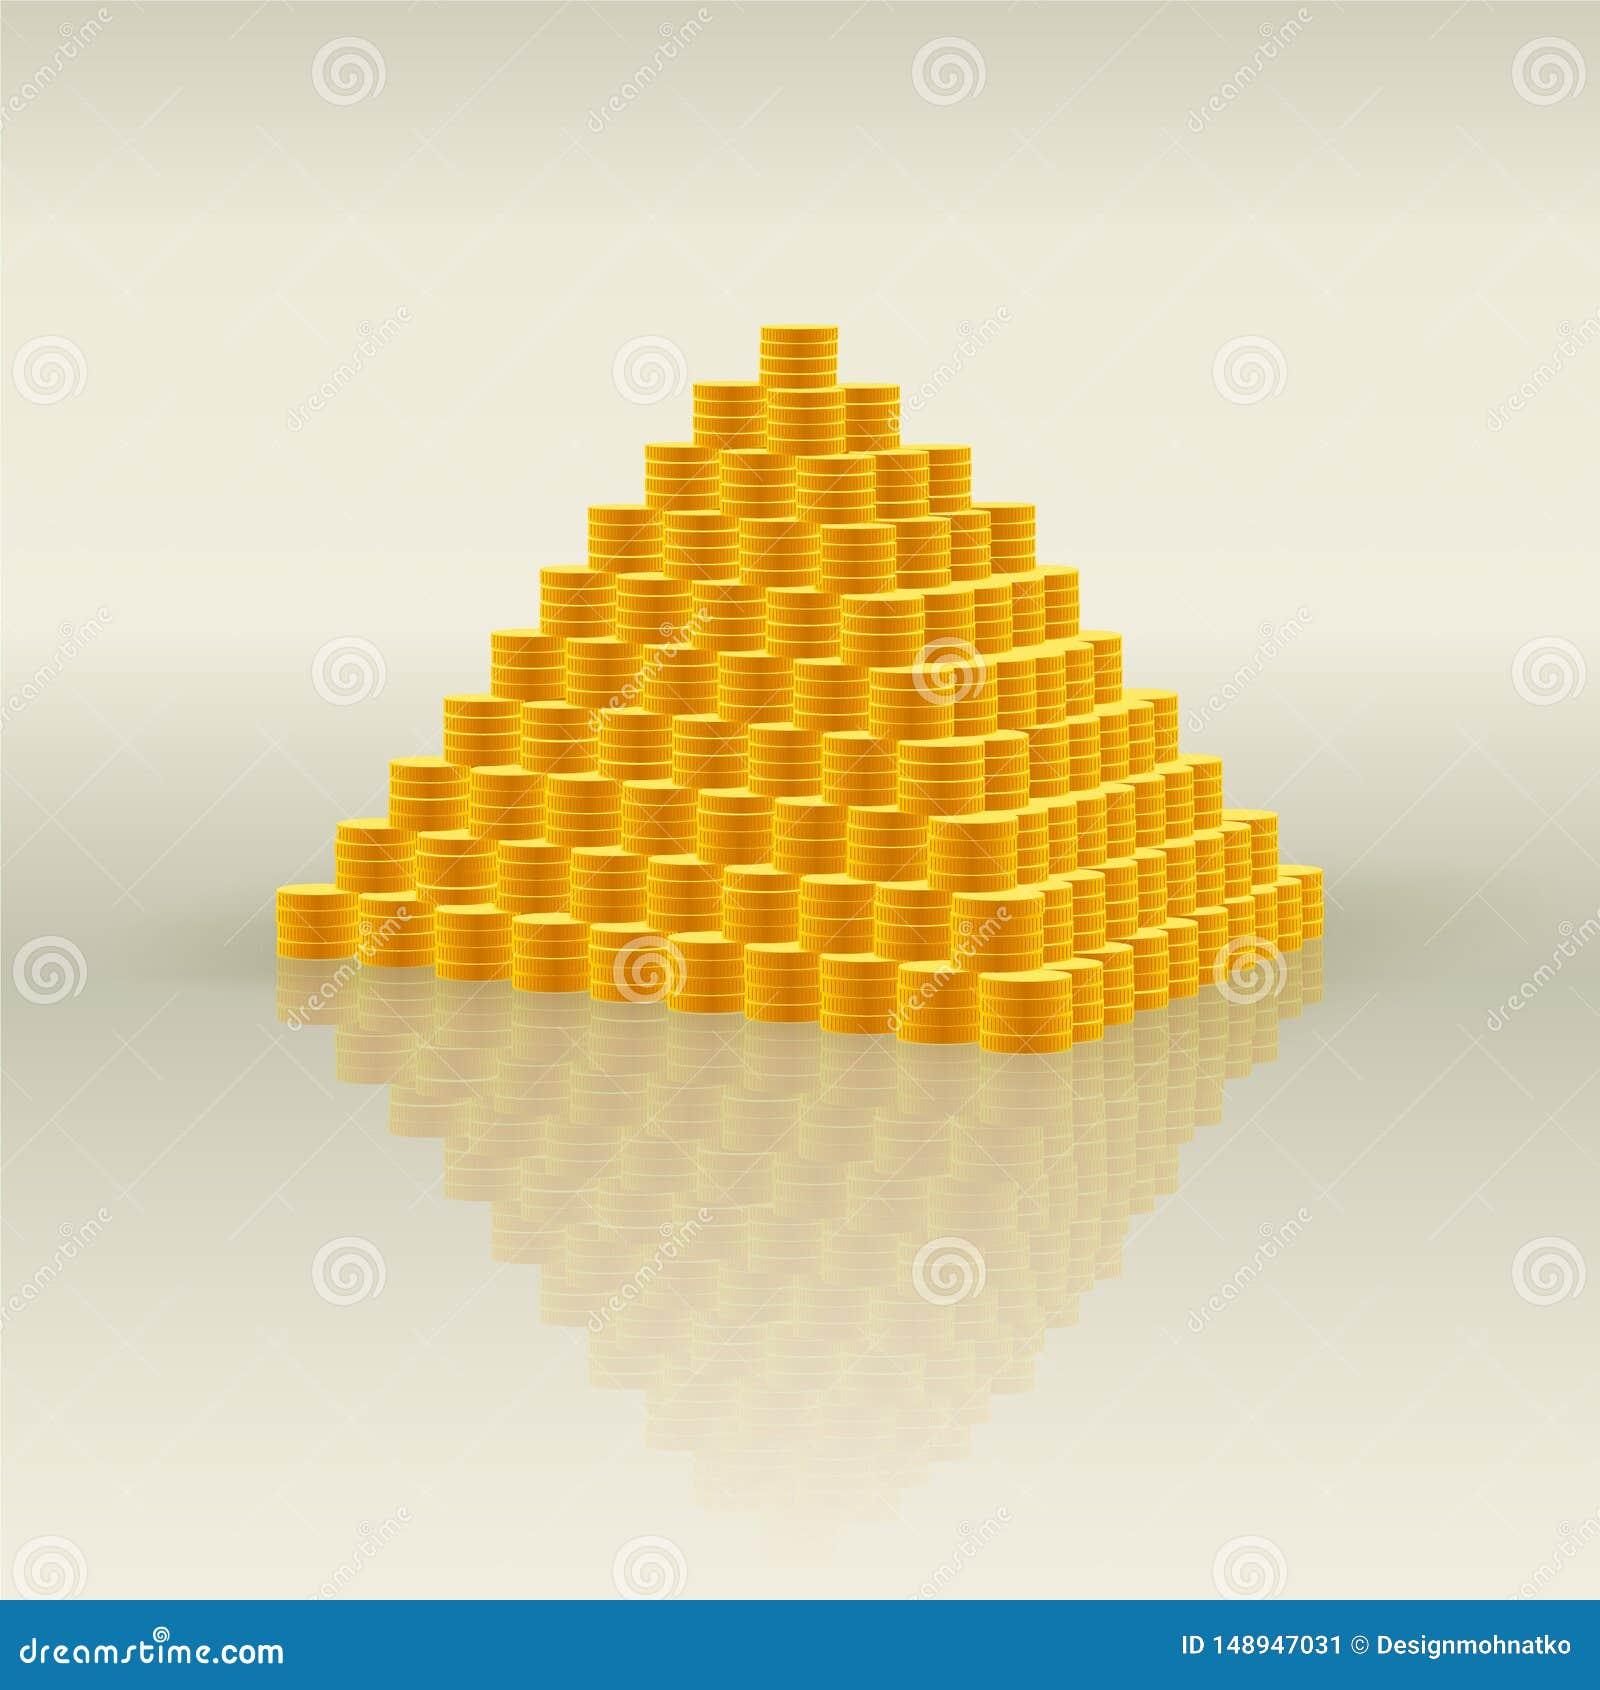 Pyramid av guld- mynt - symbol av rikedom och mycket pengar, finansiell pyramid och bedr?geri